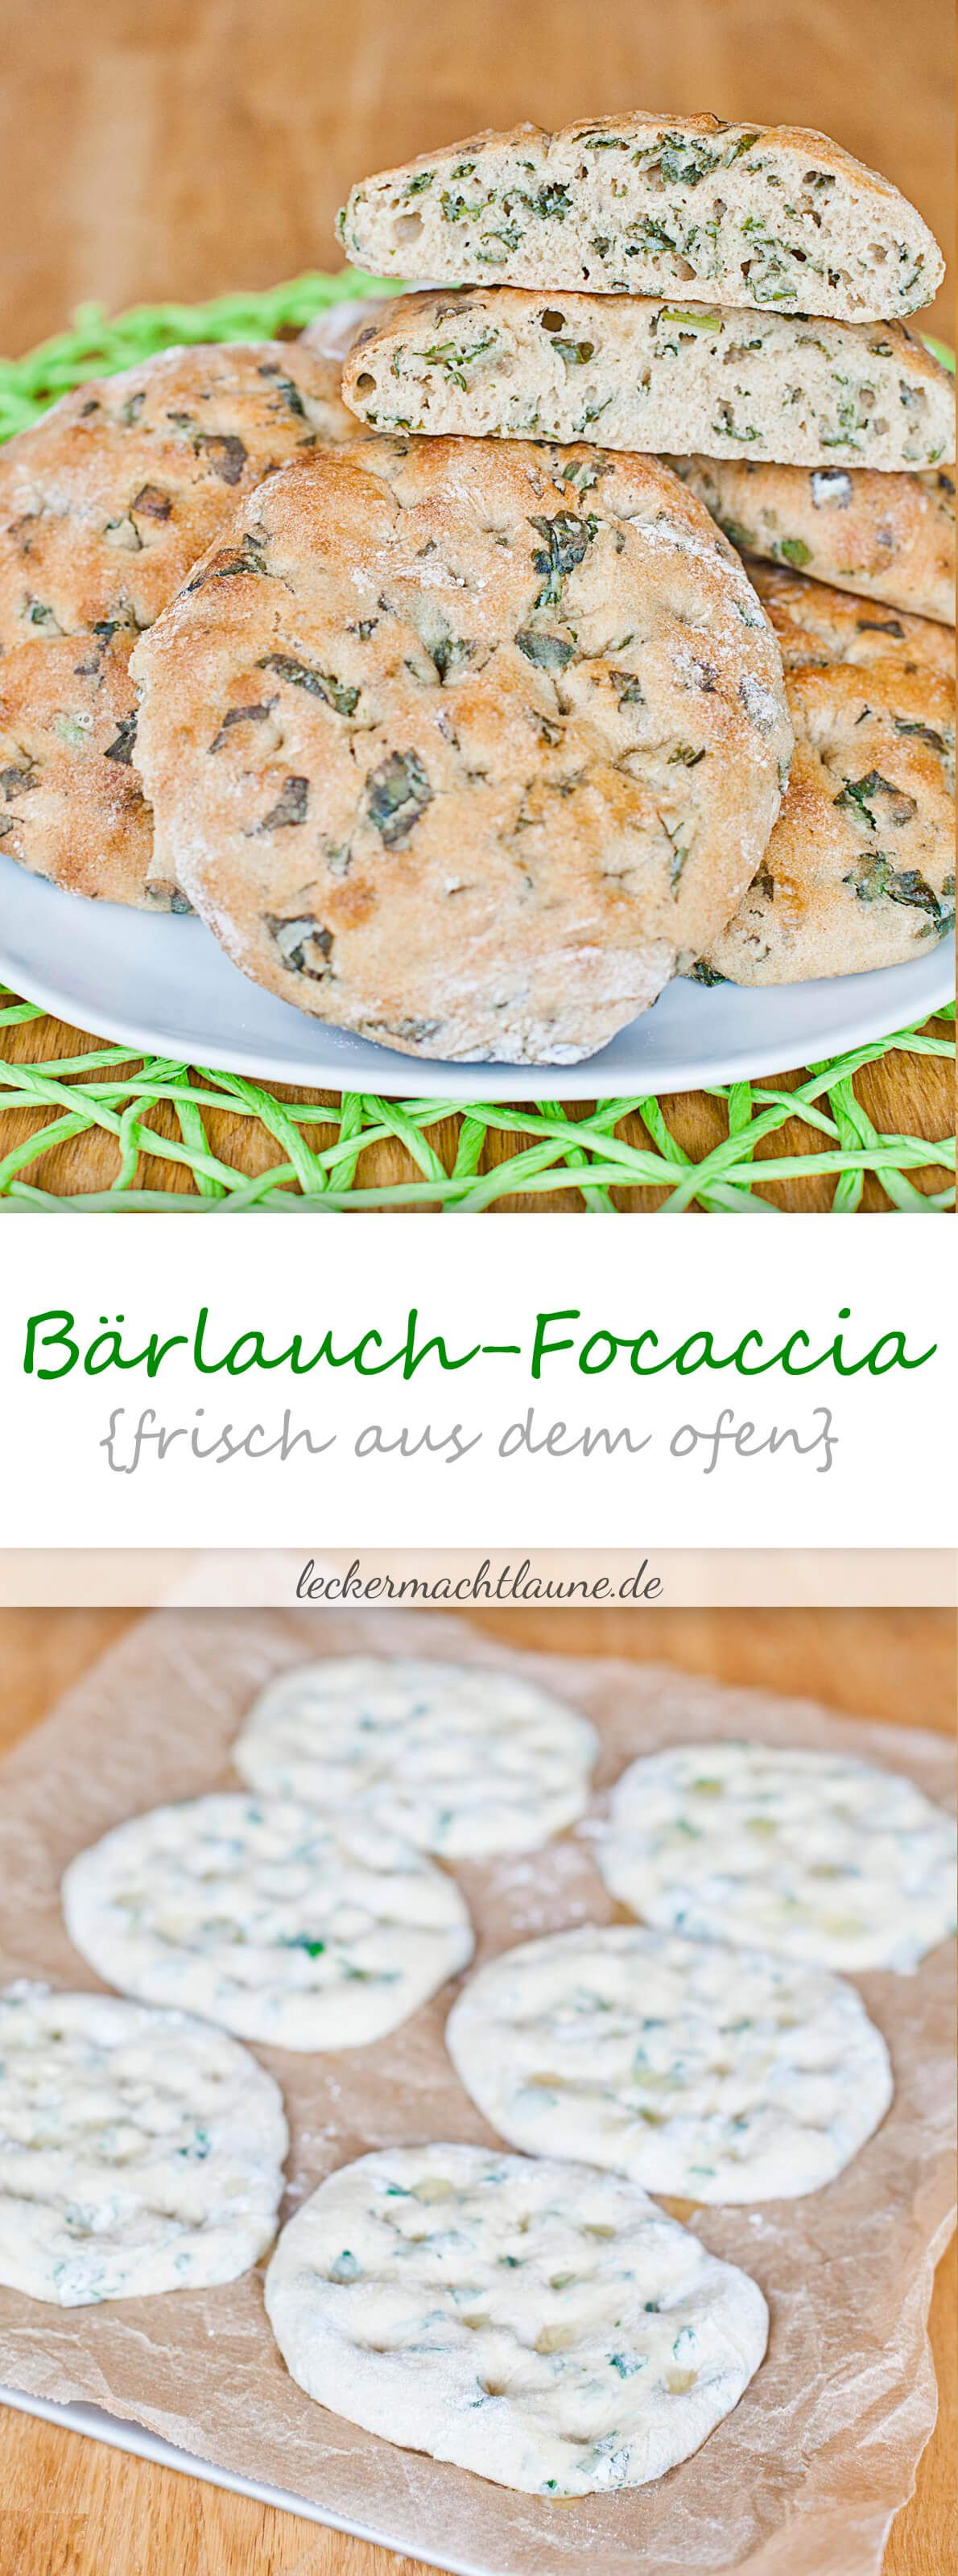 Bärlauch-Focaccia {frisch aus dem ofen} | lecker macht laune